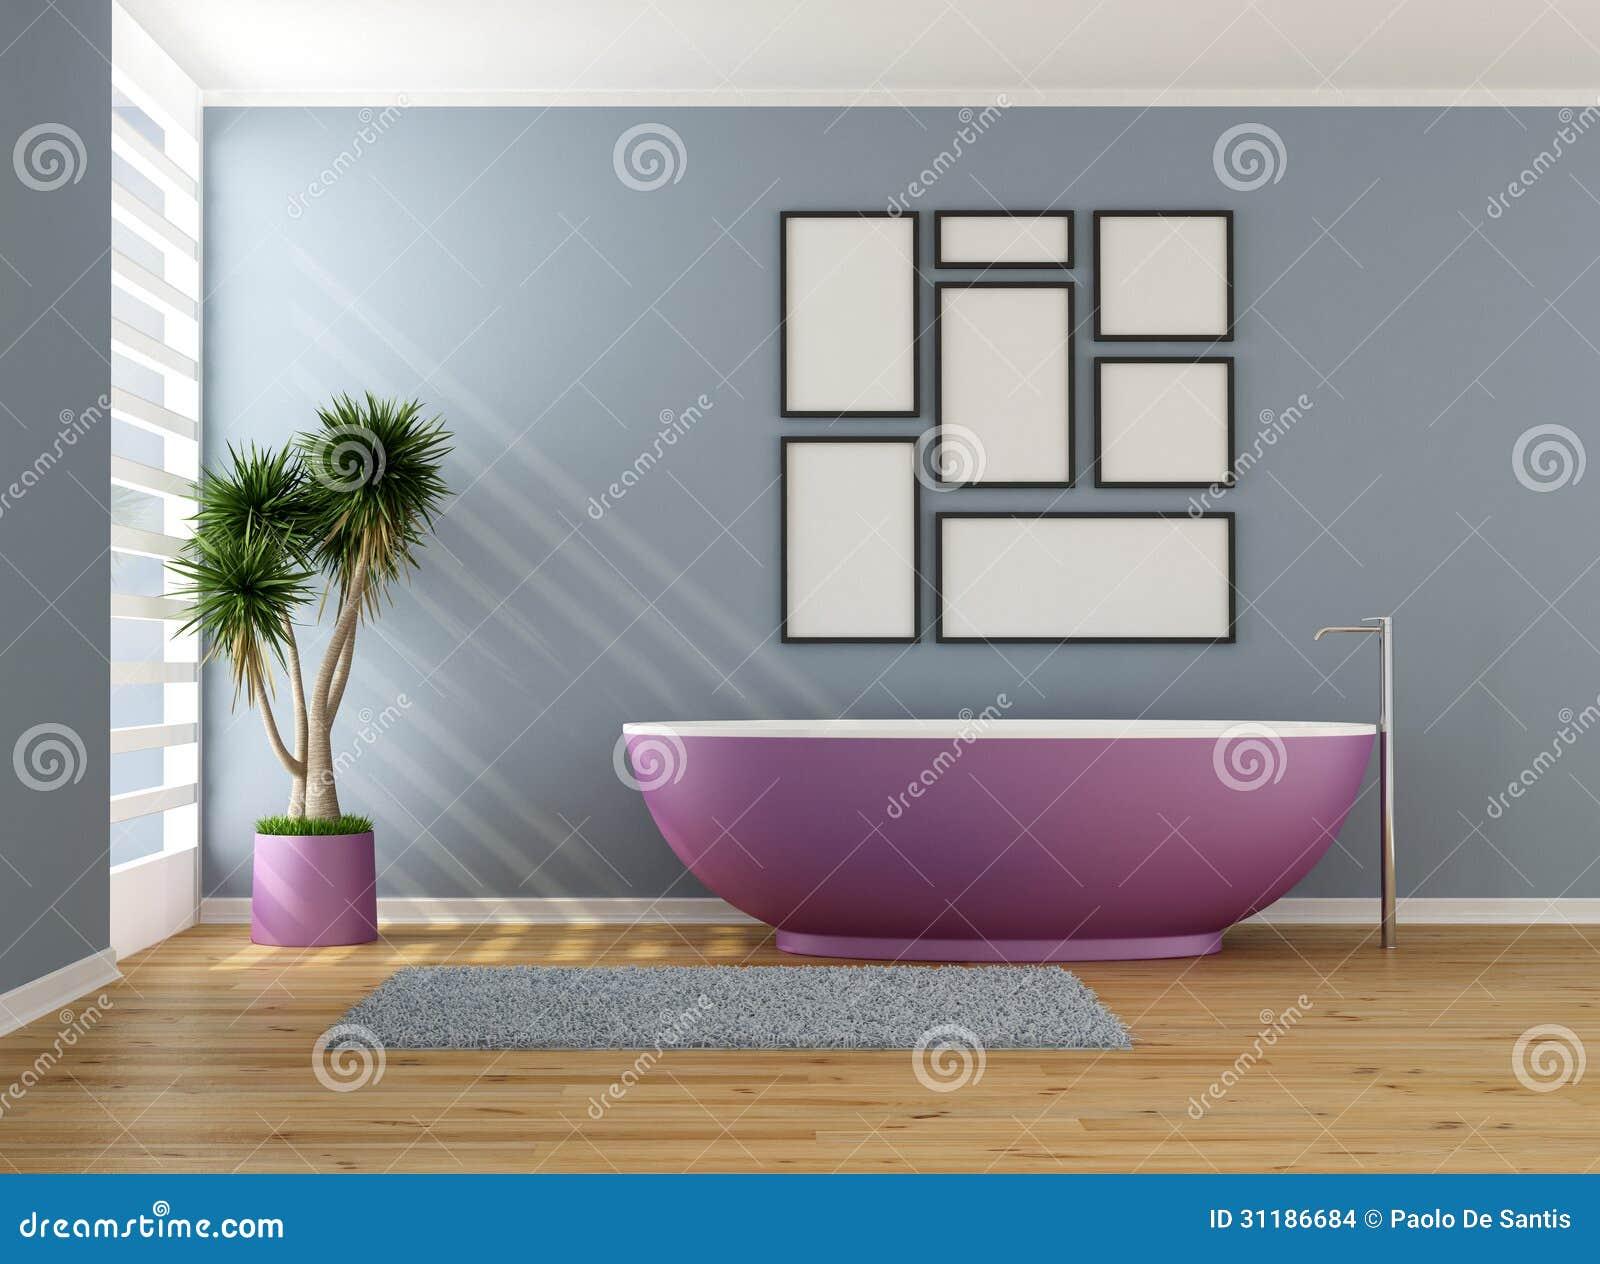 Banheiro Azul Com Banheira Roxa Imagens de Stock Imagem: 31186684 #876B44 1300x1044 Banheiro Com Banheira Verde